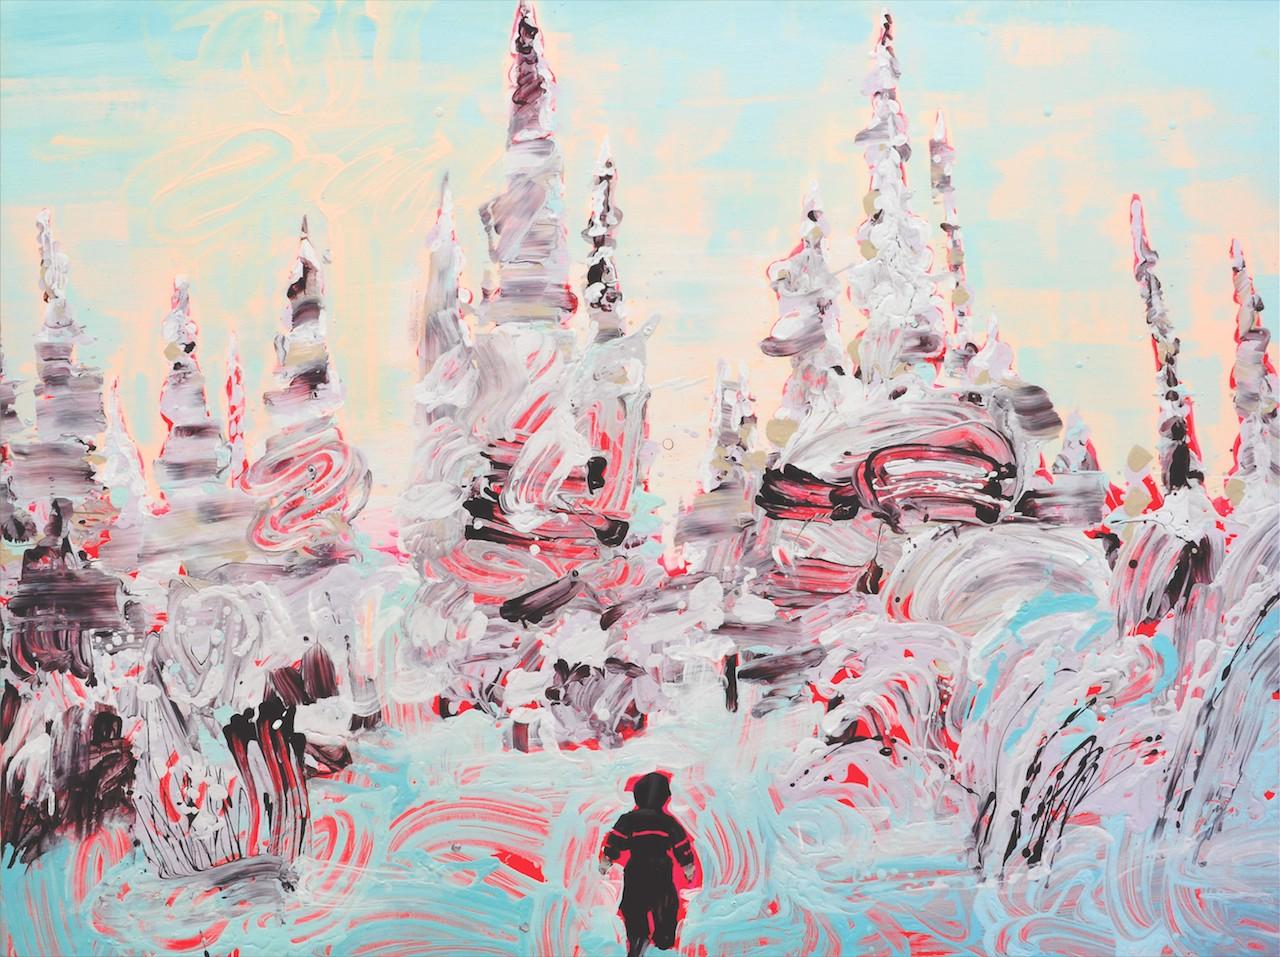 """Sirpa Särkijärvi, """"Viides sukupolvi"""" (""""Fifth Generation"""") (2011), acrylic on canvas, 41 3/8 x 55 1/8 in. (courtesy of the artist and Gallery AMA, Helsinki © Sirpa Särkijärvi)"""